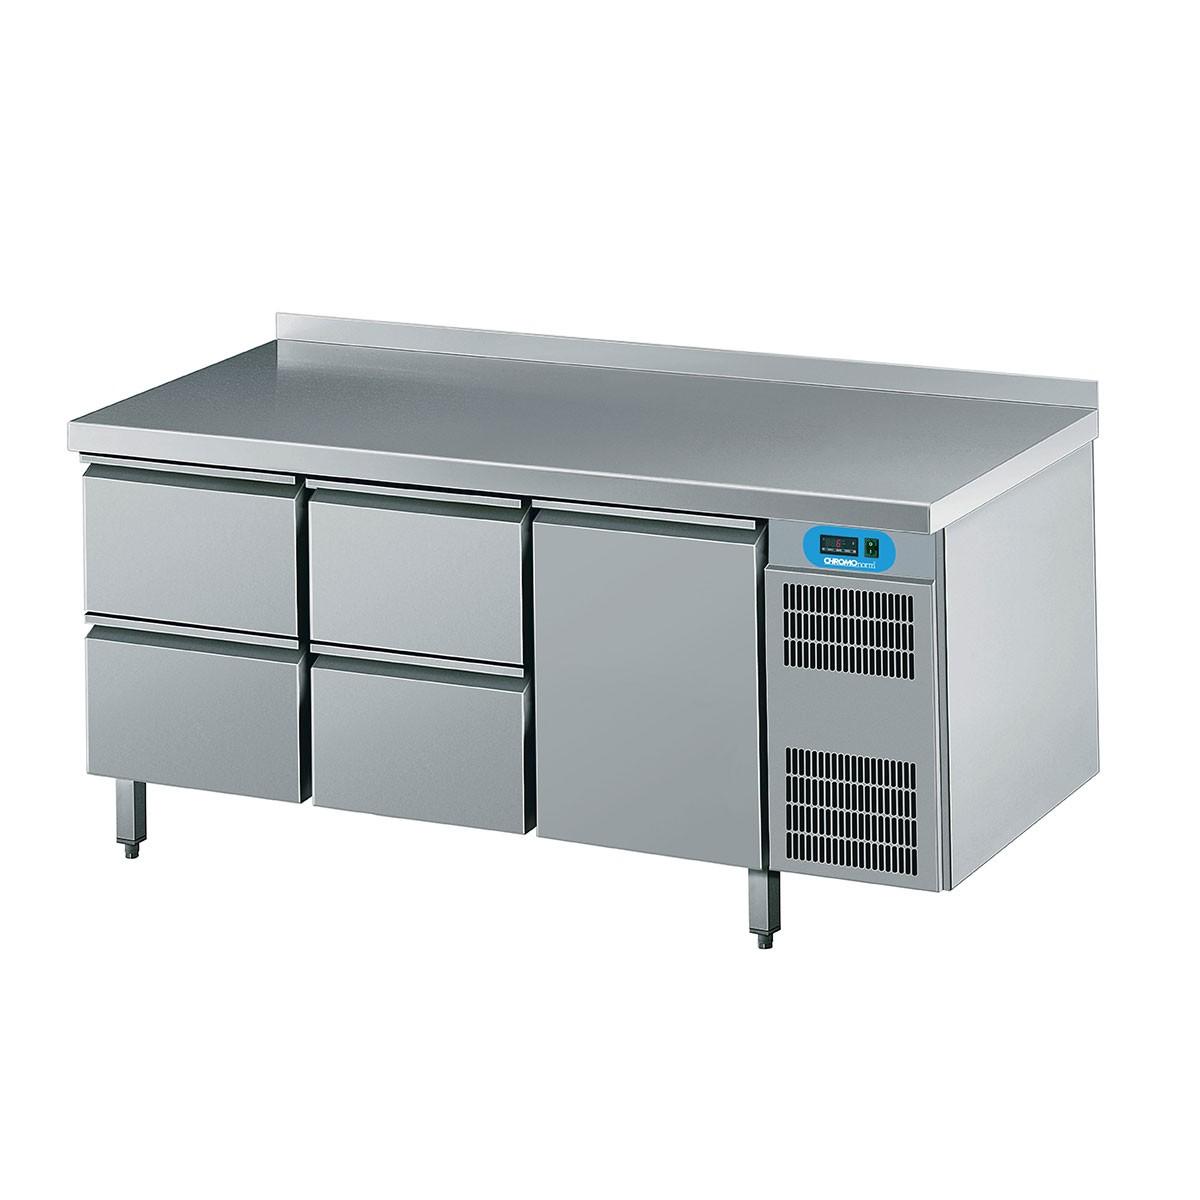 Kühltisch mit 1 Flügeltür und 4 Schubladen 1725 x 700mm CKTEK7311601-2/2/1 Chromonorm